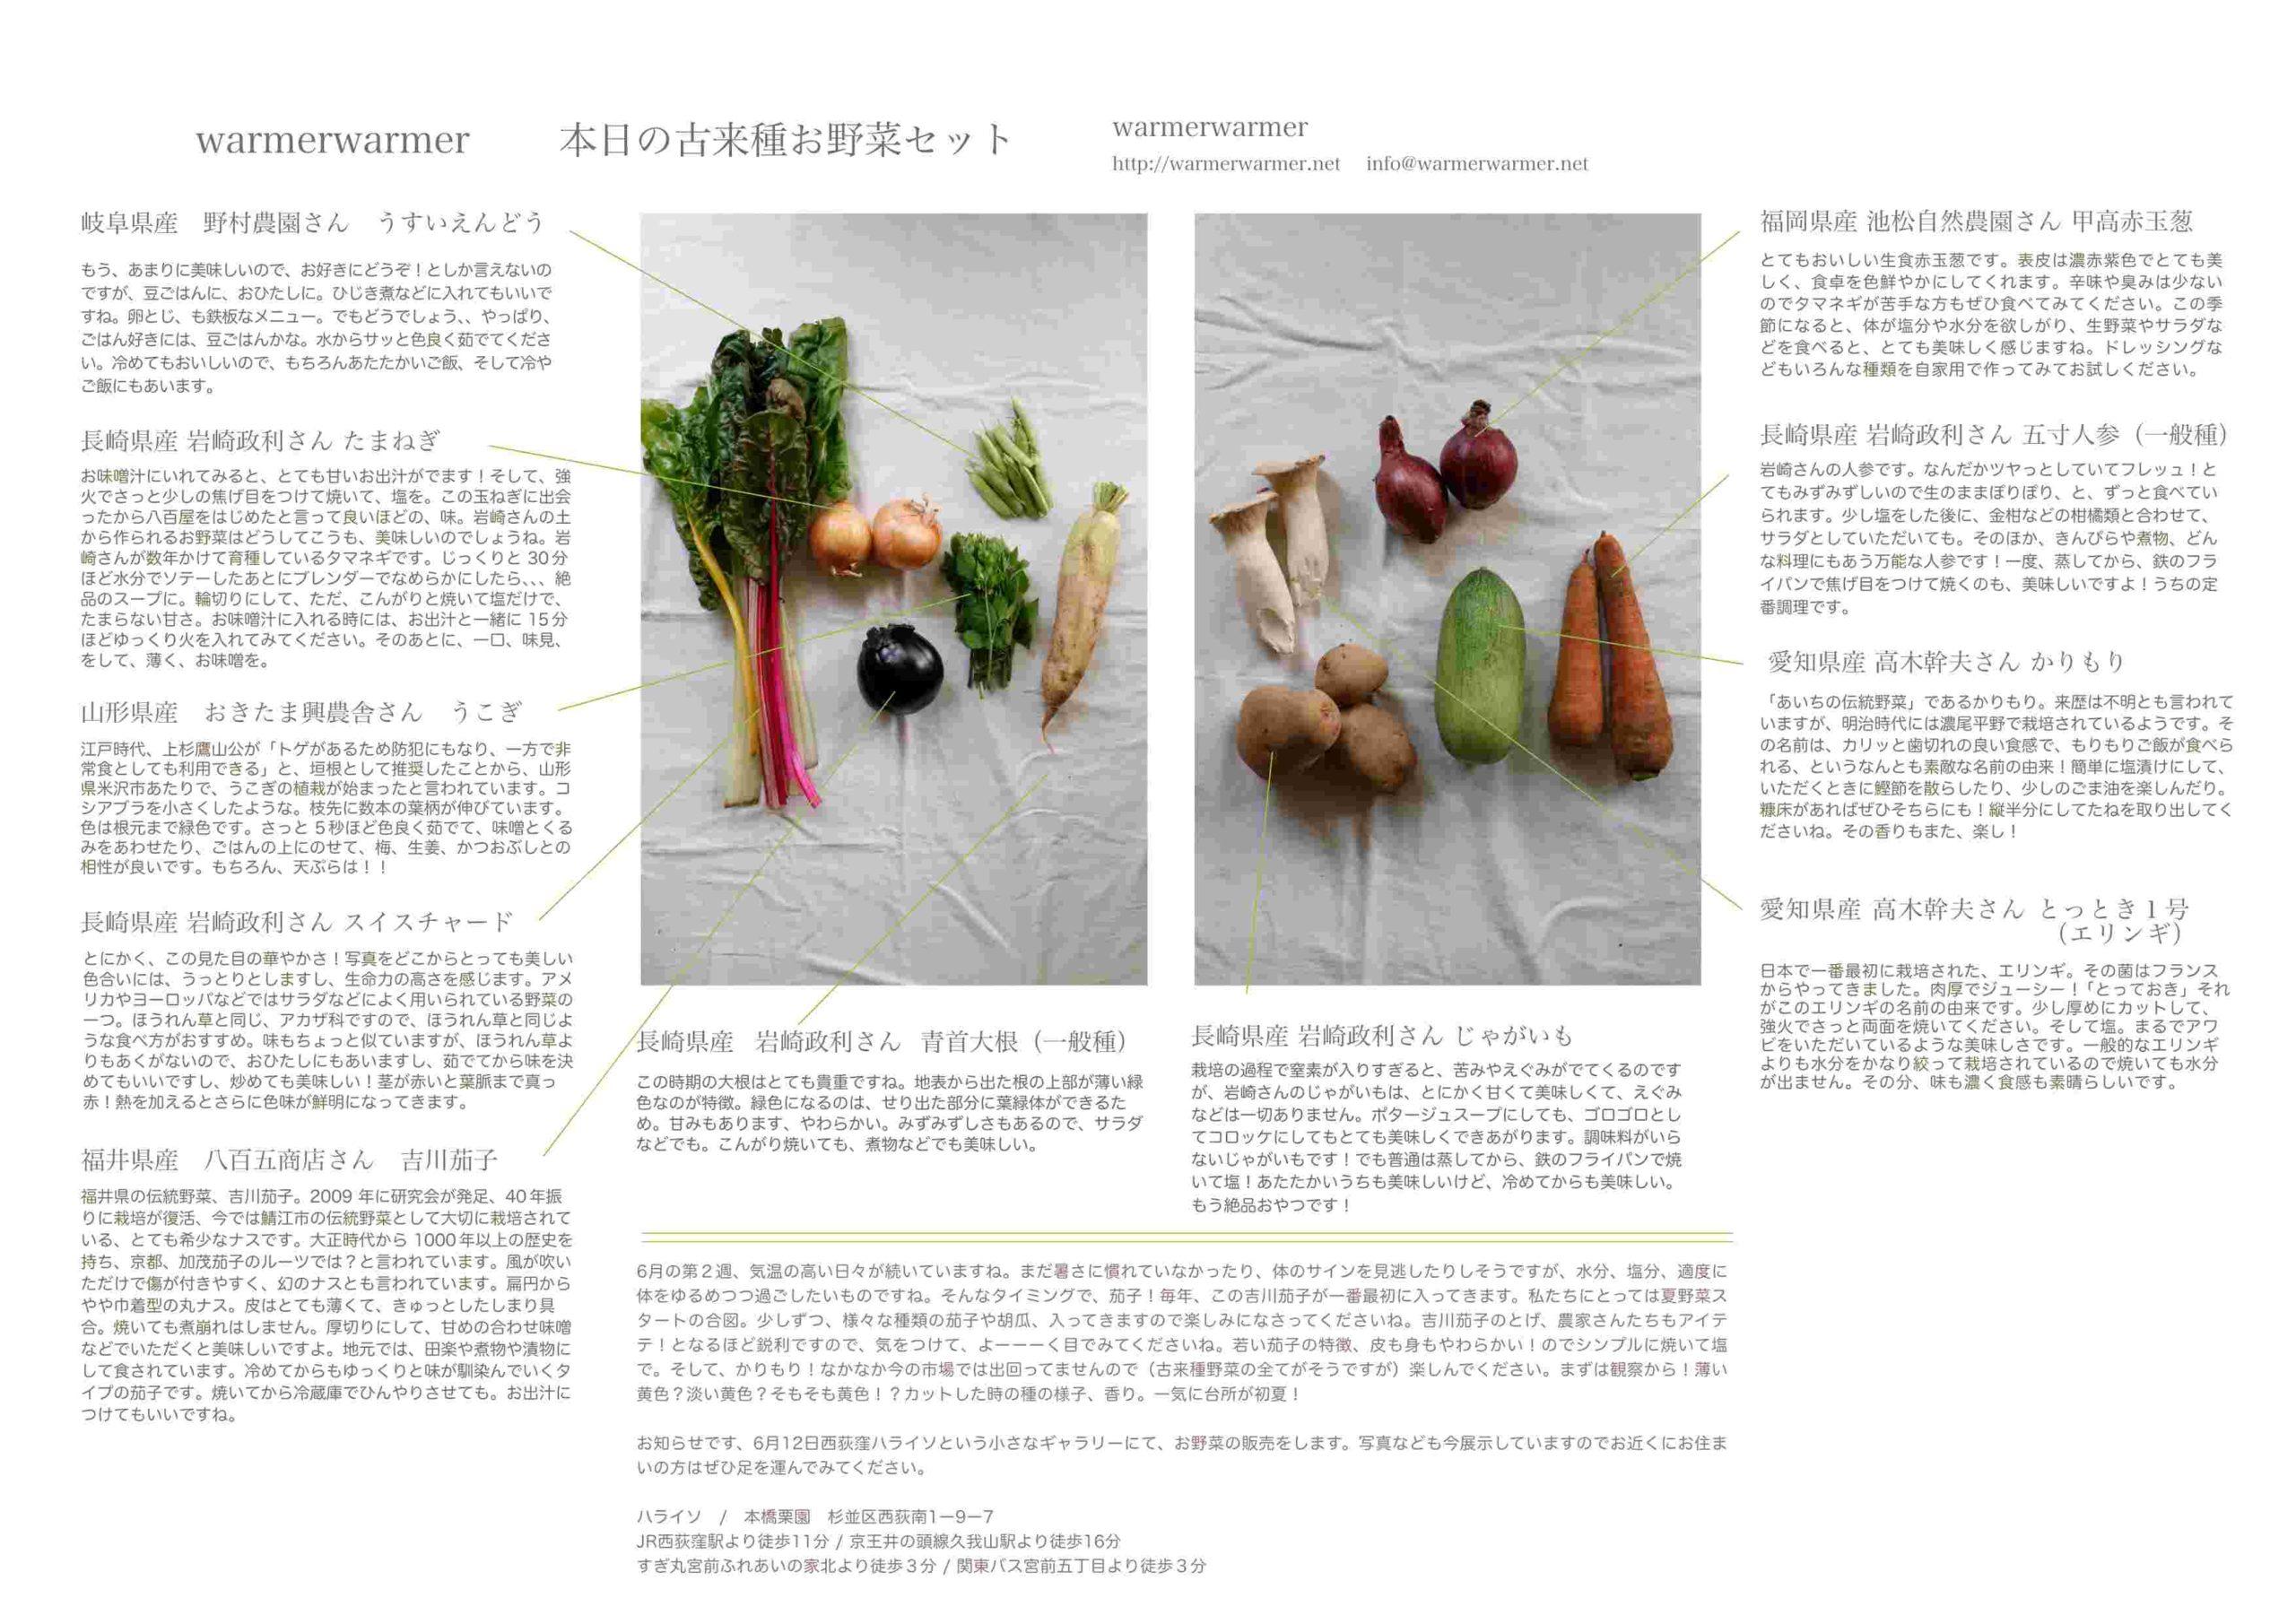 6月11日 お野菜セットの内容です。